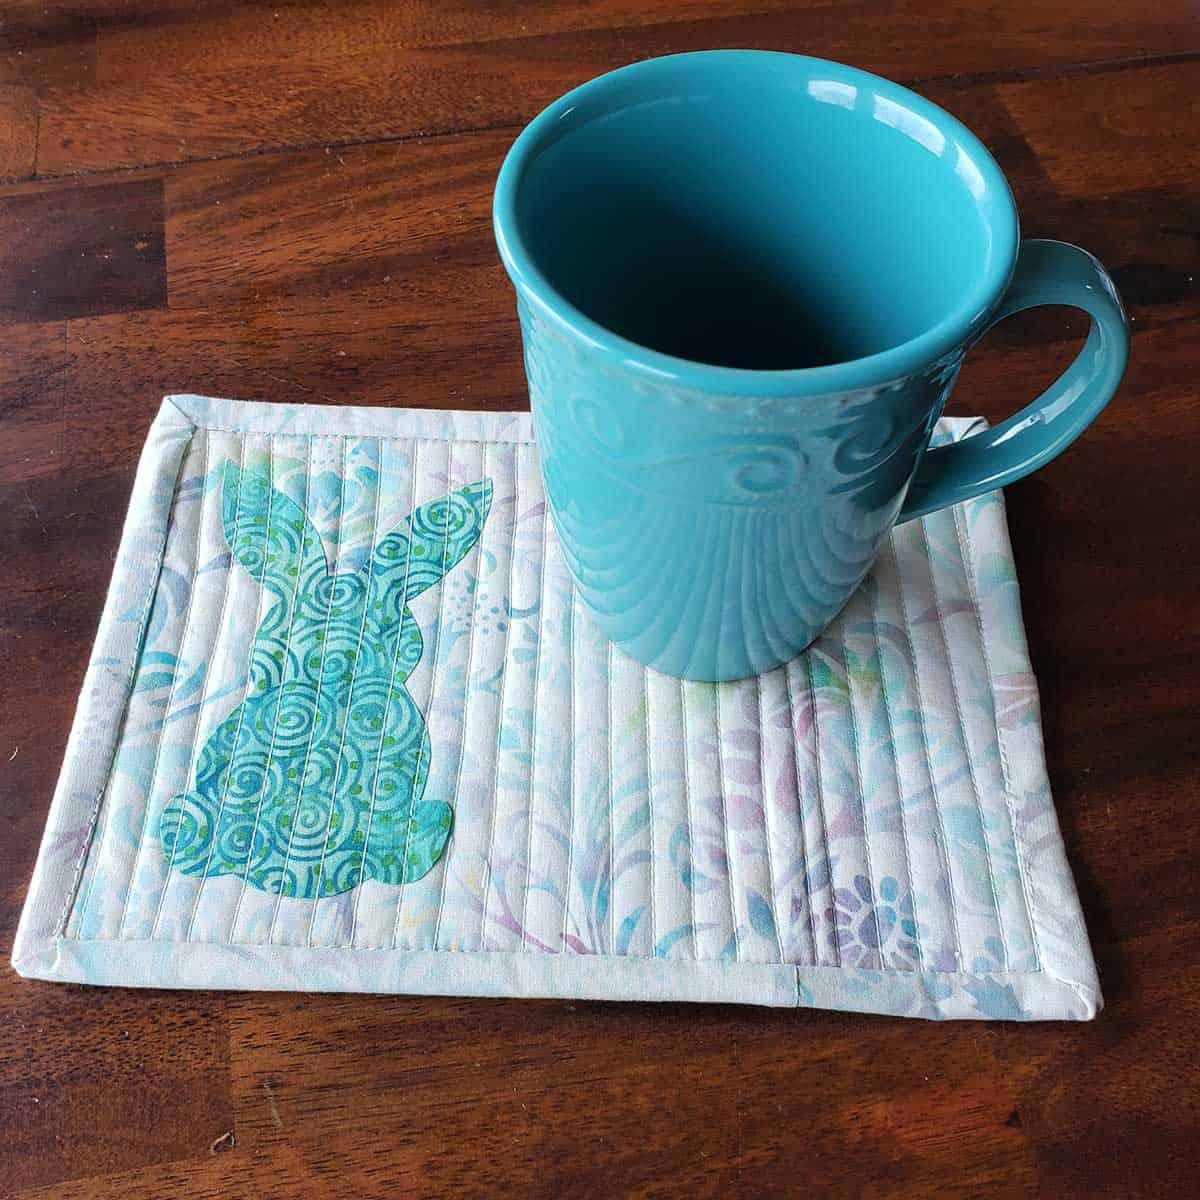 Patchwork rabbit mug rug